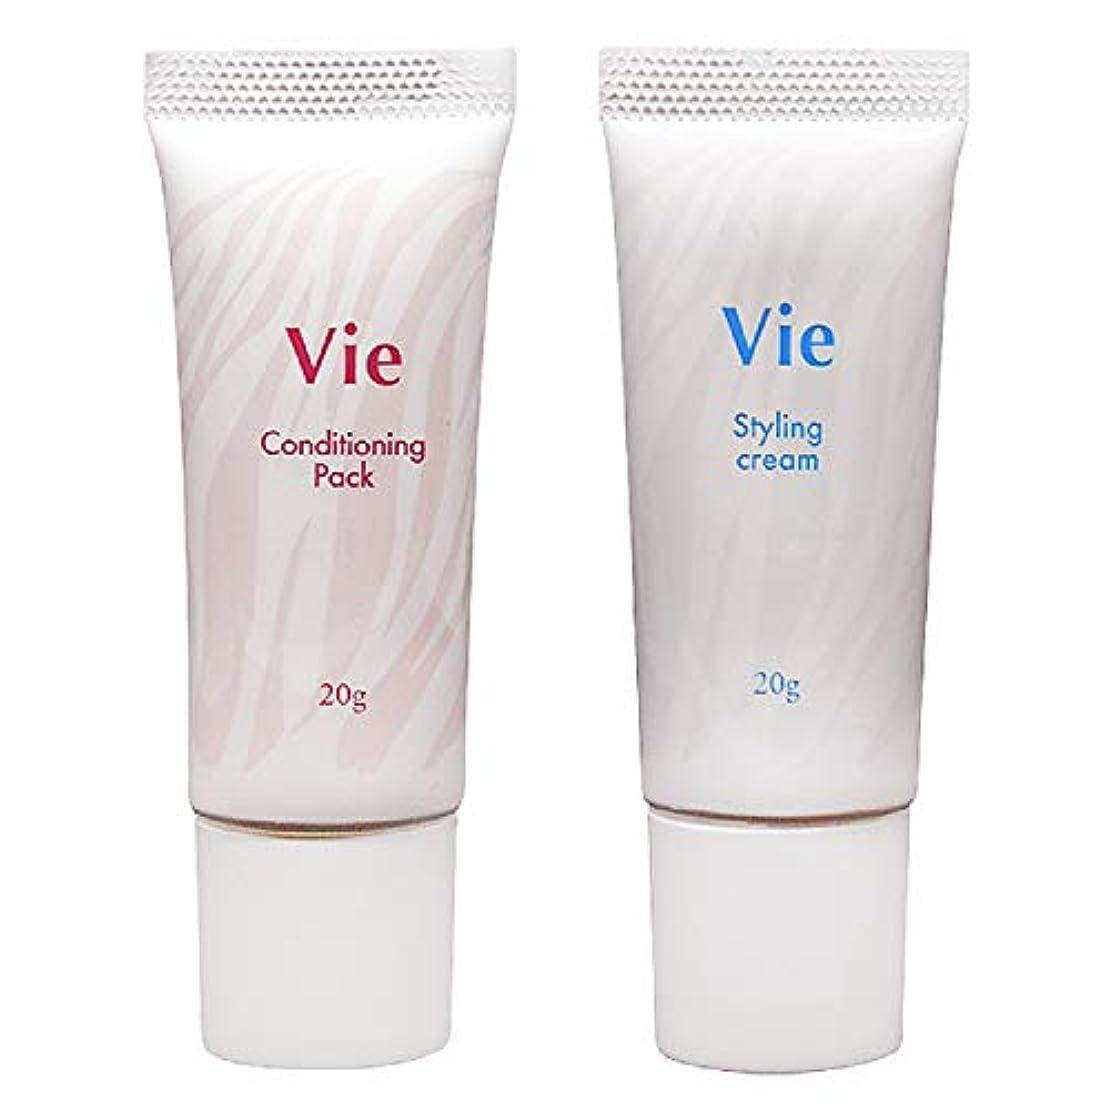 謙虚無心持続的Vie コンディショニングパック 20g + スタイリングクリーム20g セット